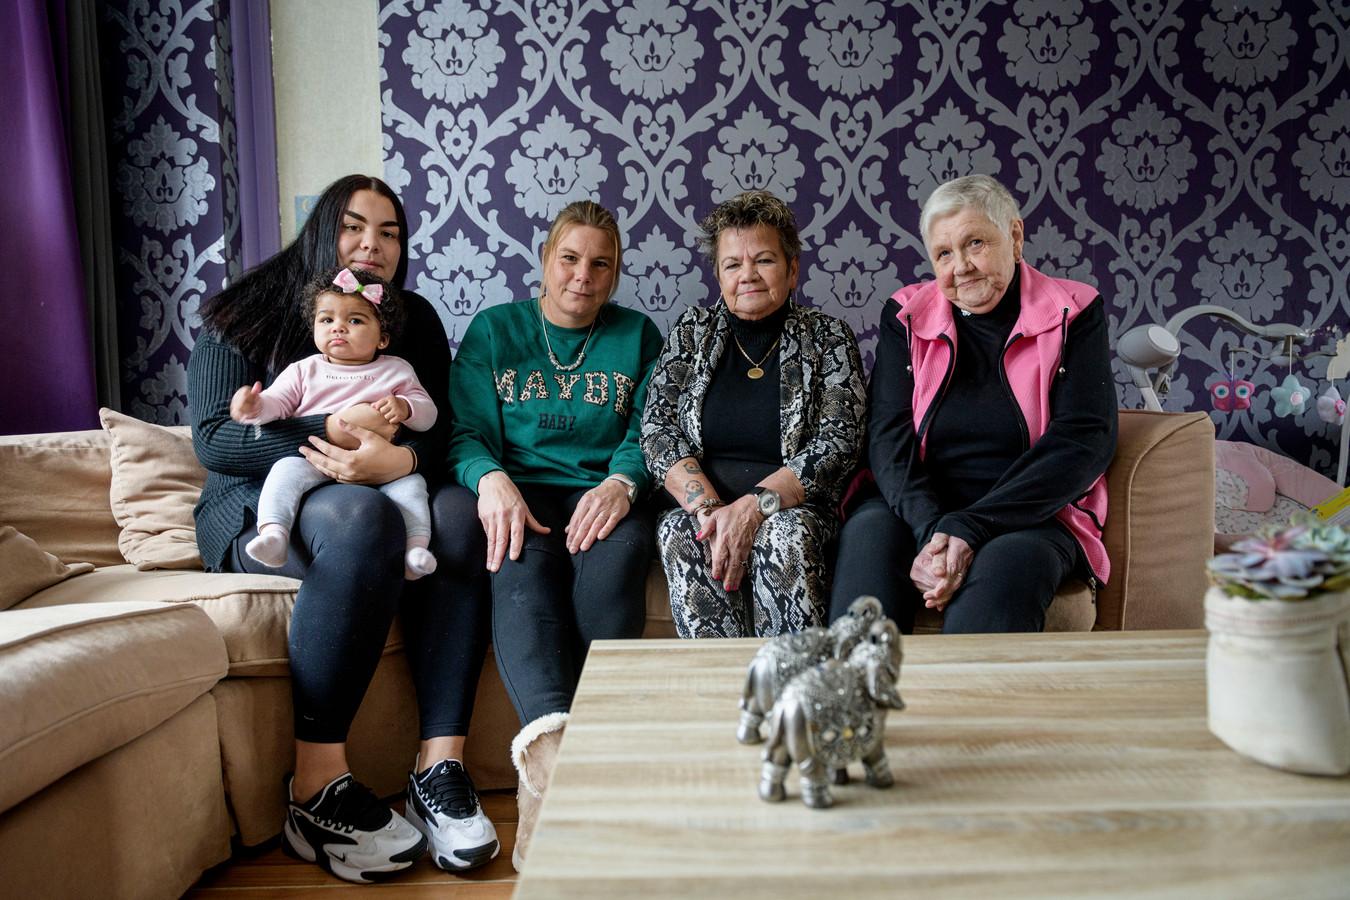 Vijf generaties op één foto.